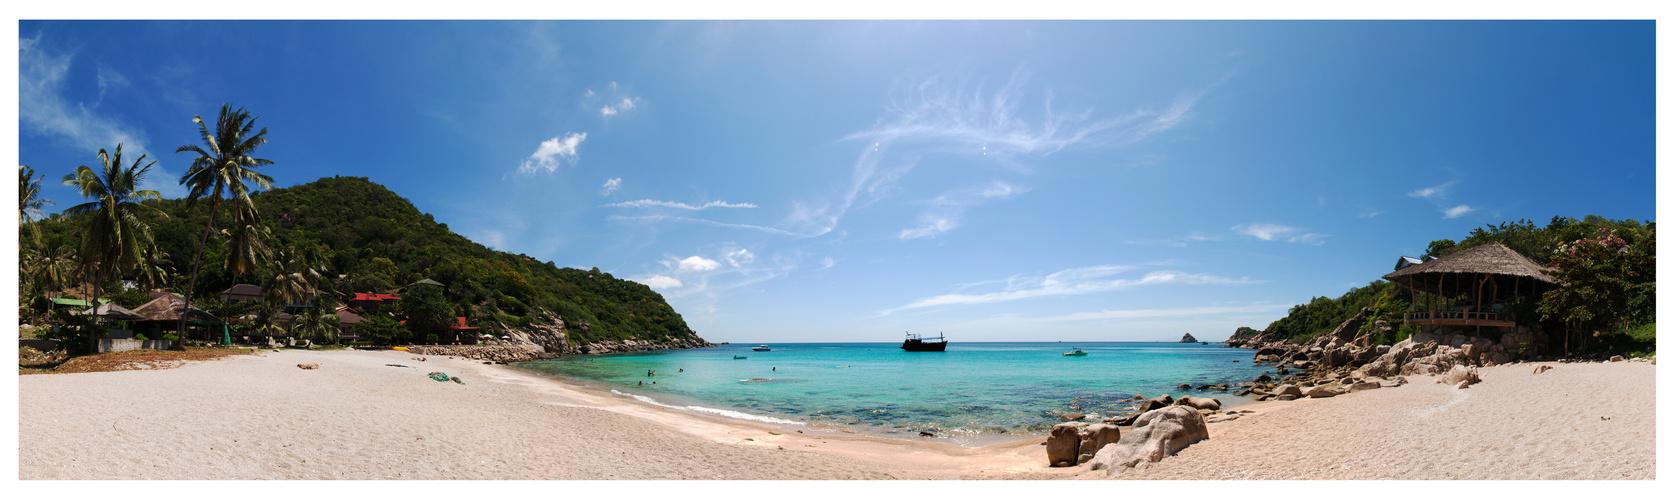 Unterwegs - Aow Leuk Bay